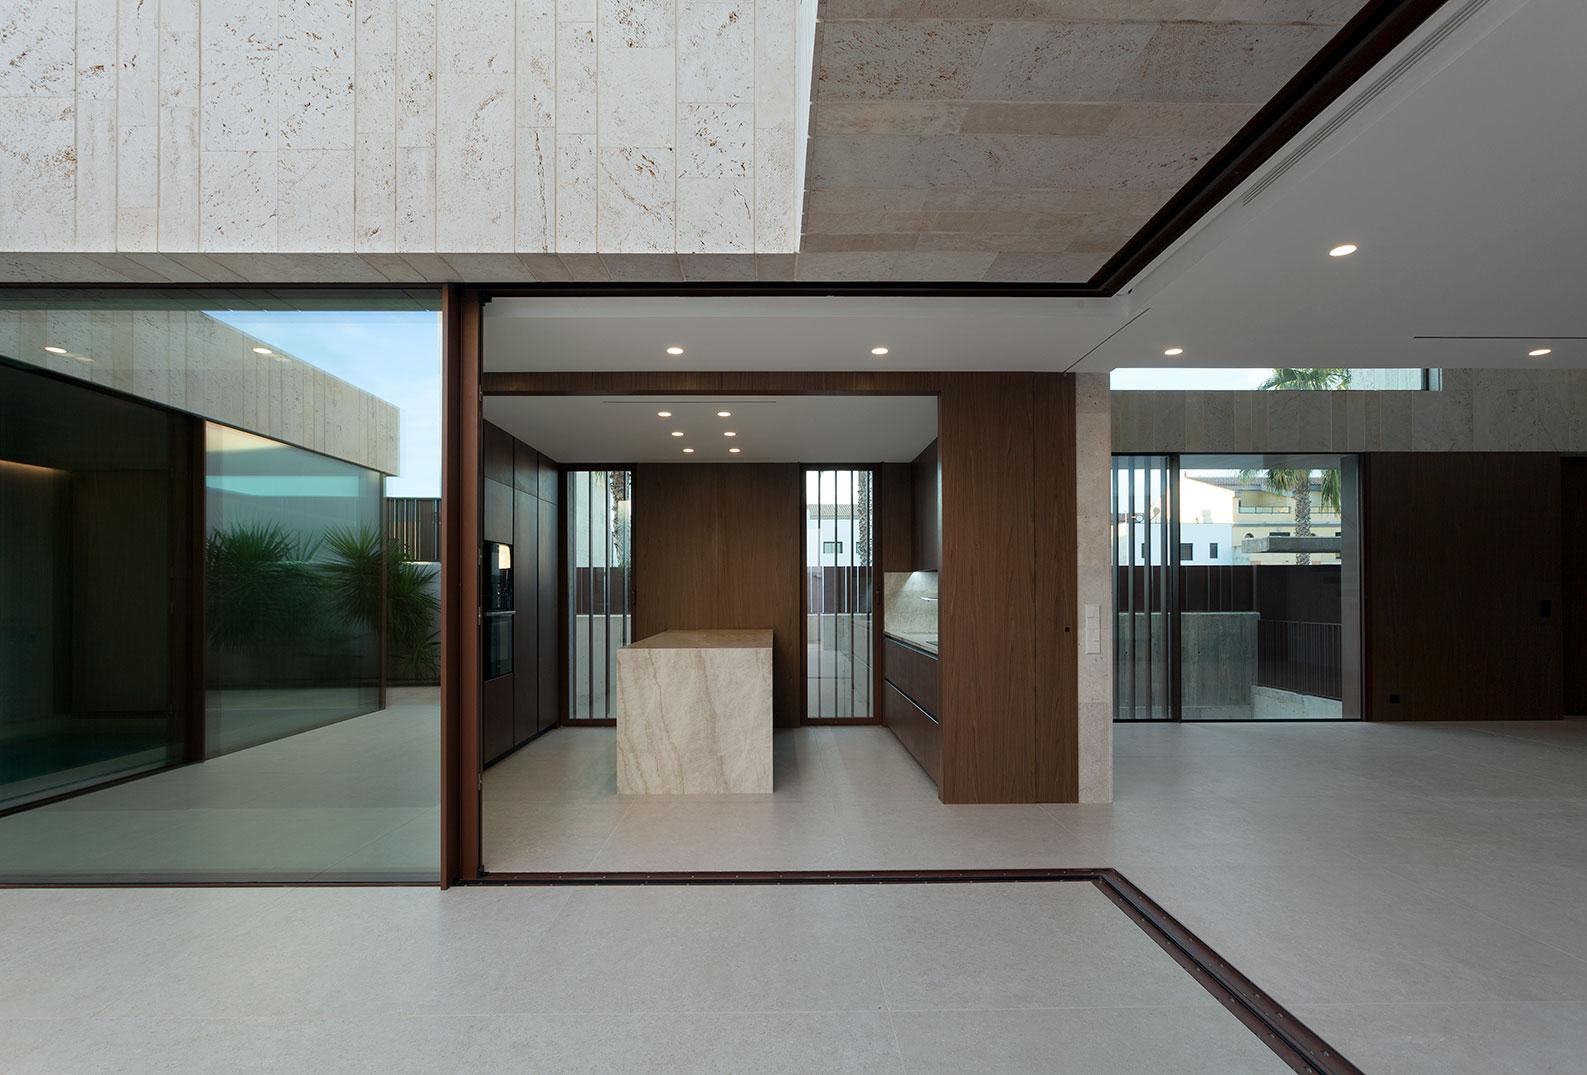 #InsideArchitecture avec Antonio Altarriba : de l'importance de créer des maisons où il fait bon vivre.